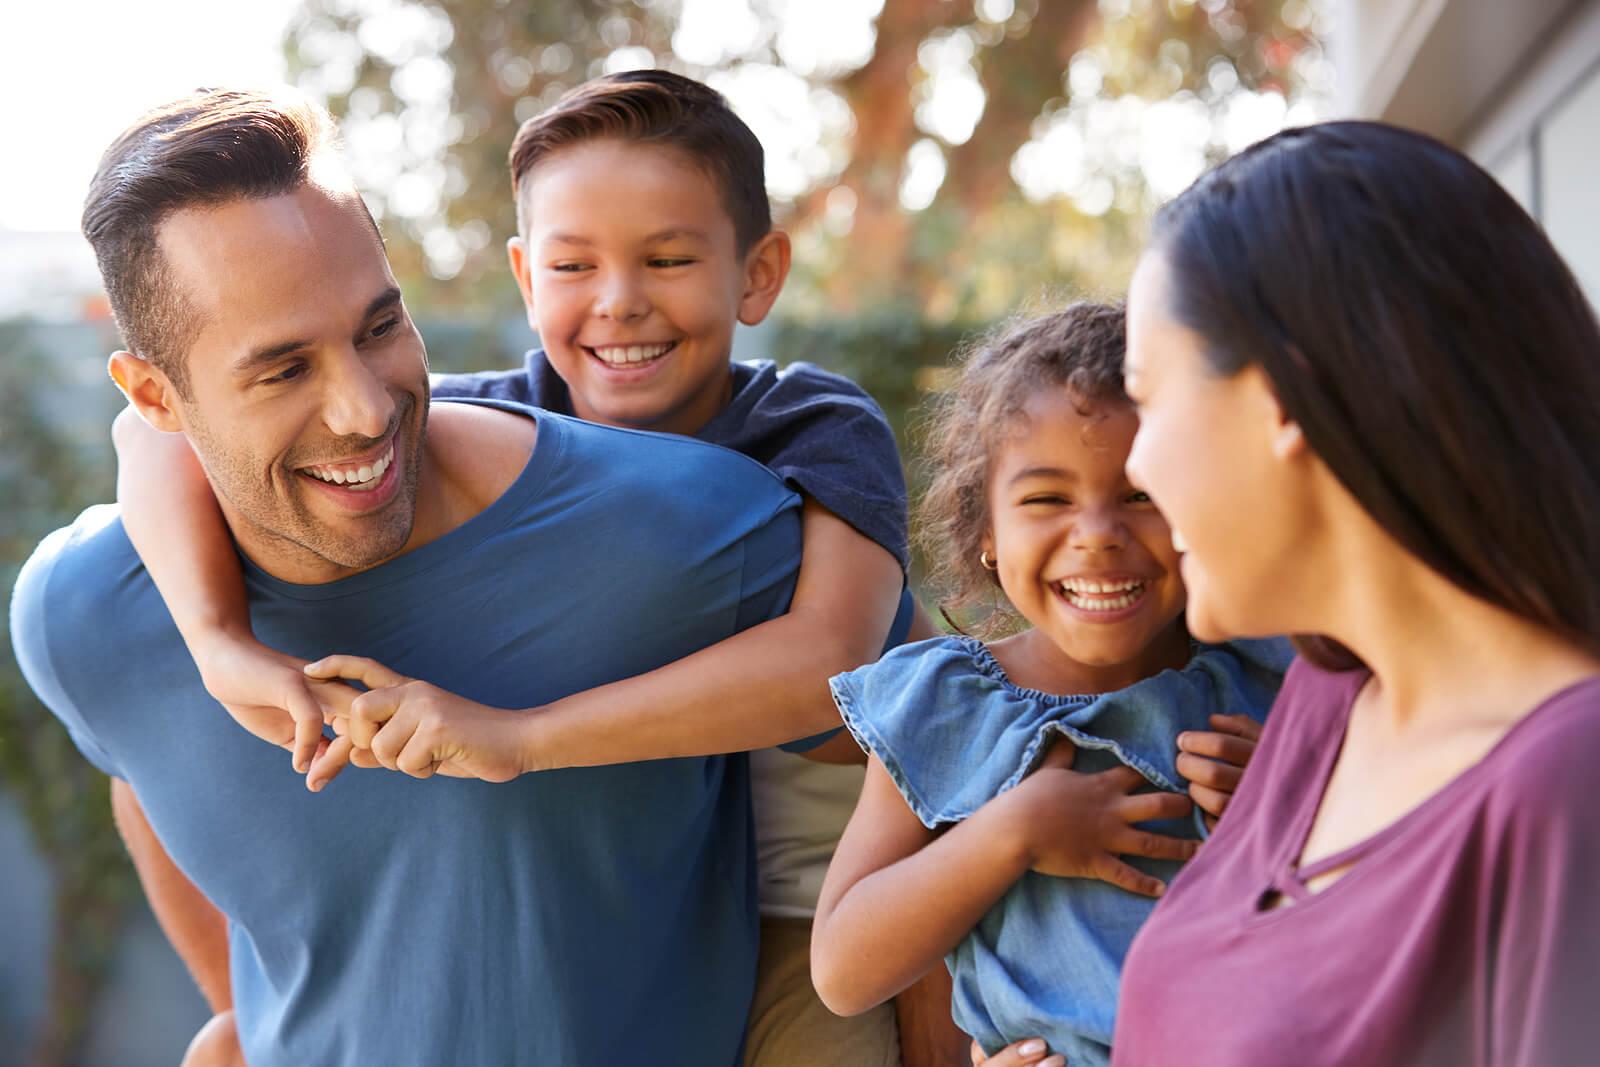 Padres pasando el rato en familia con sus hijos.